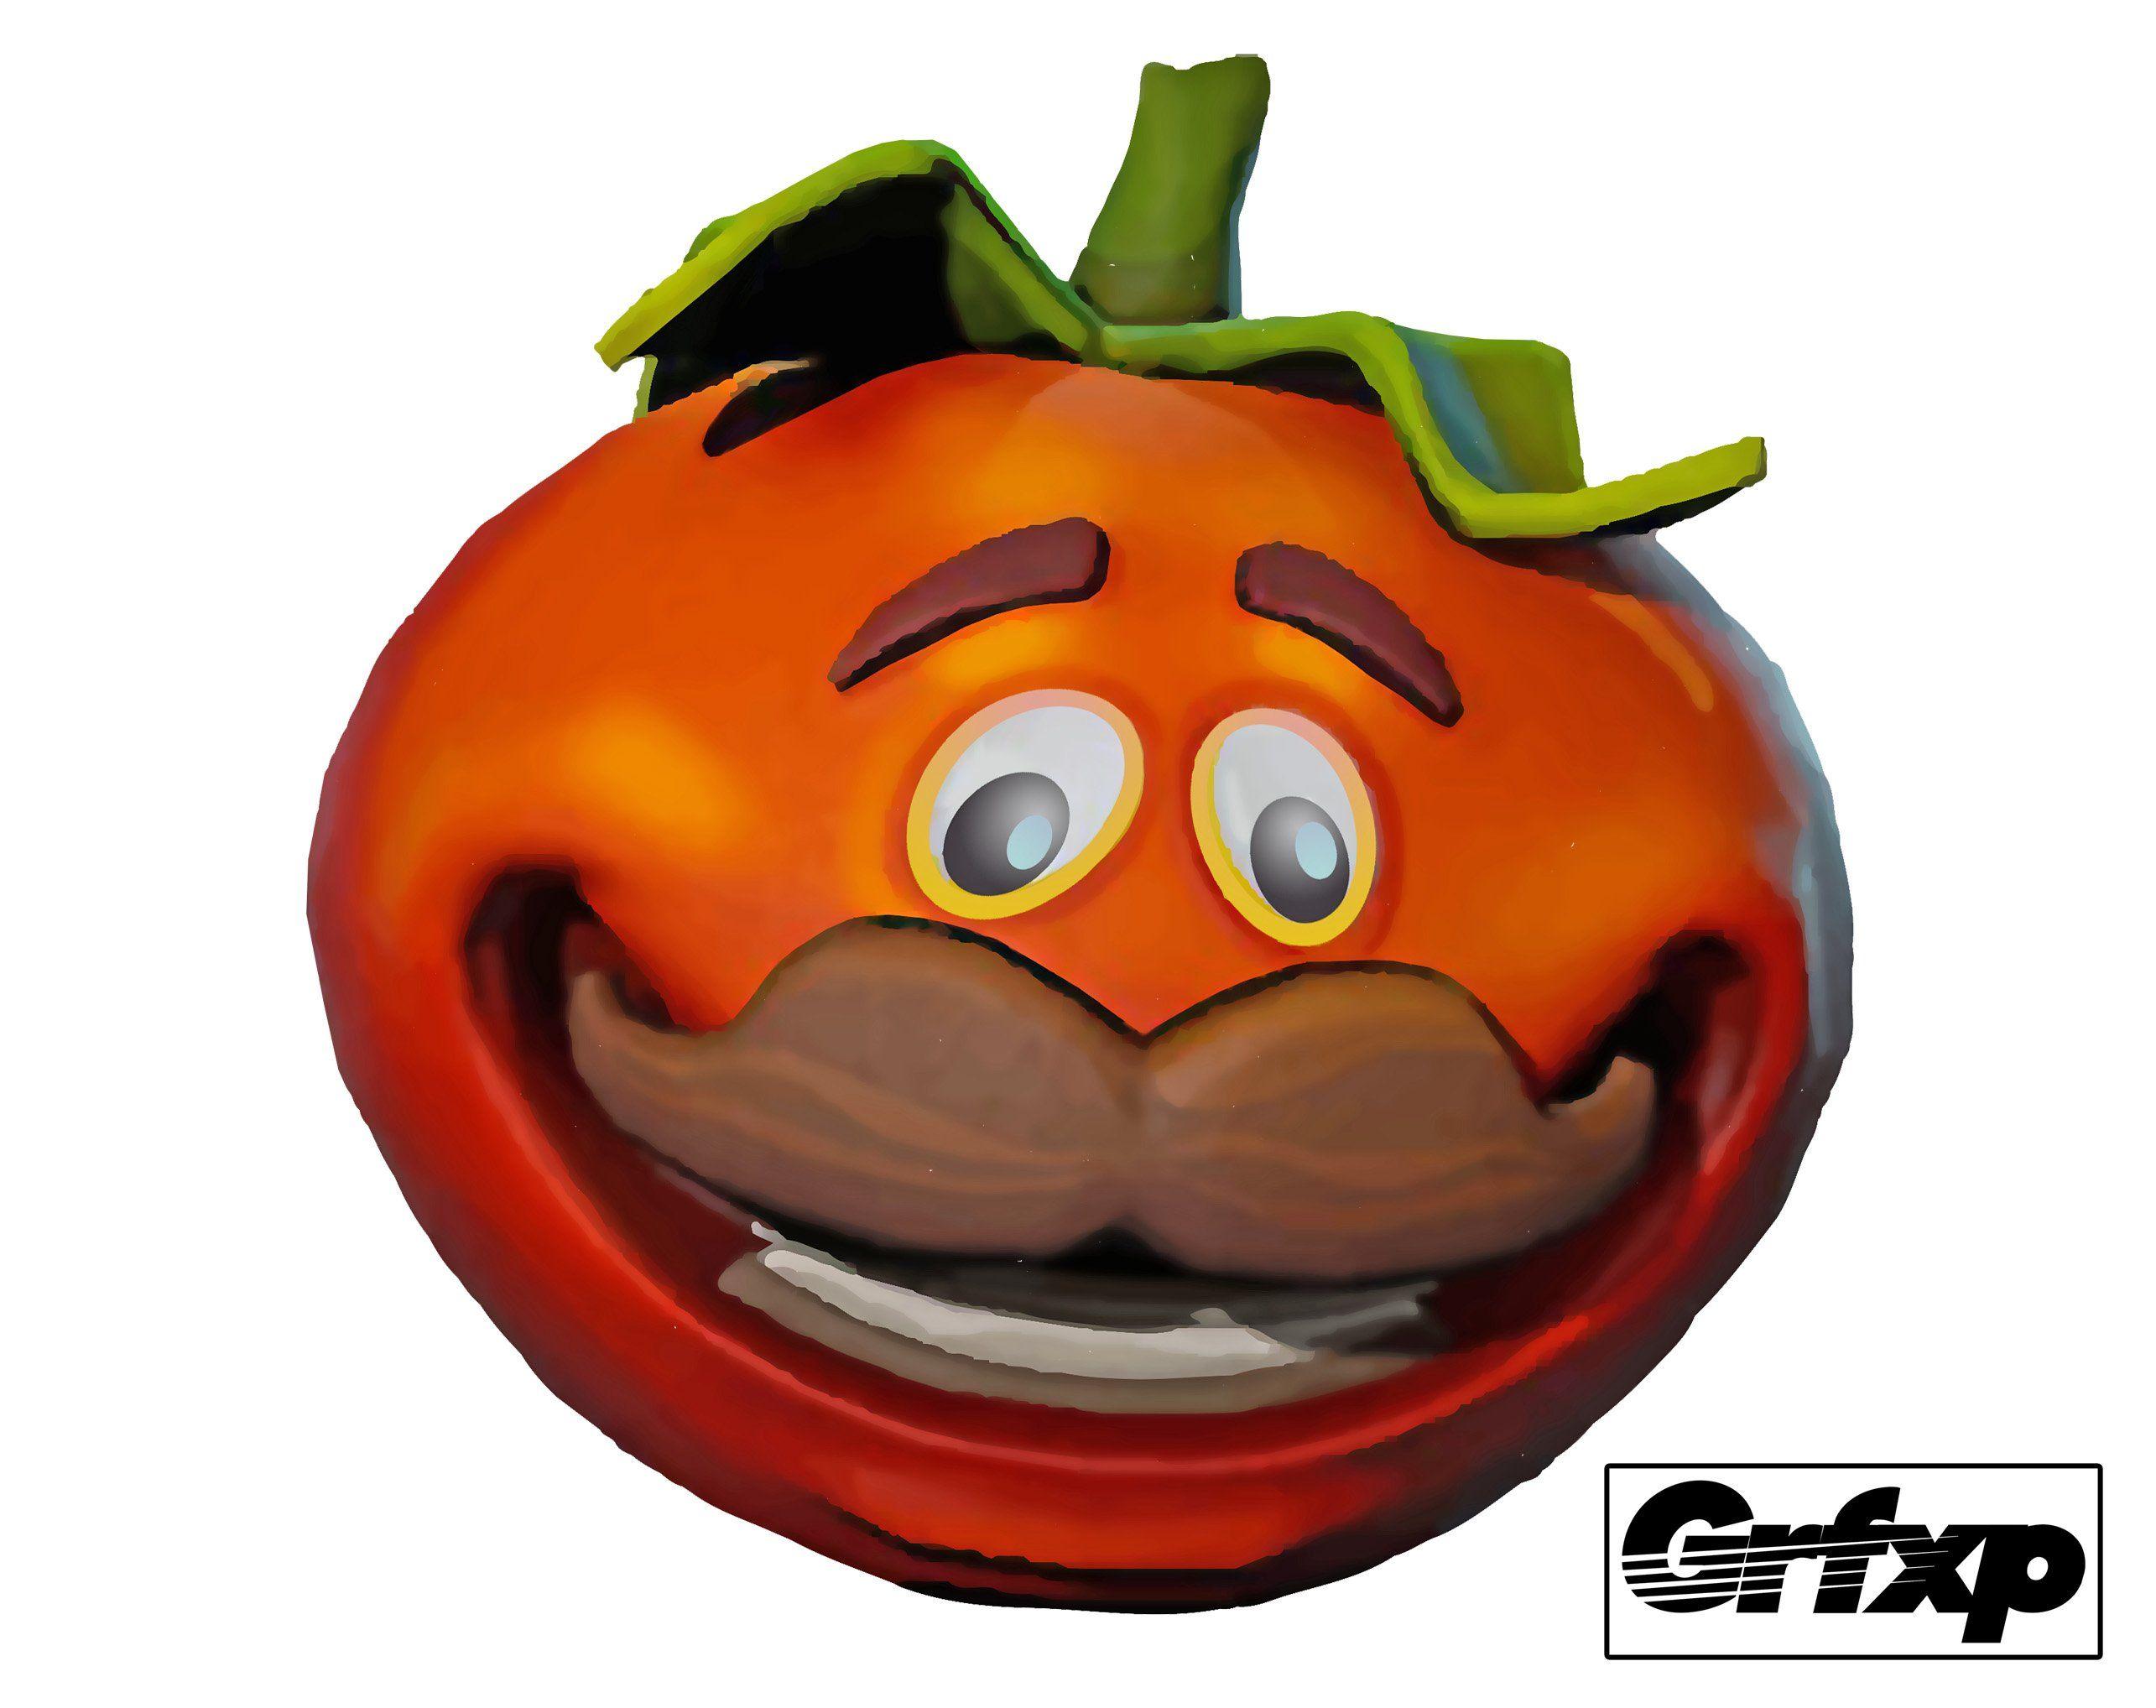 Tomatoes clipart person. Tomato man head fortnite